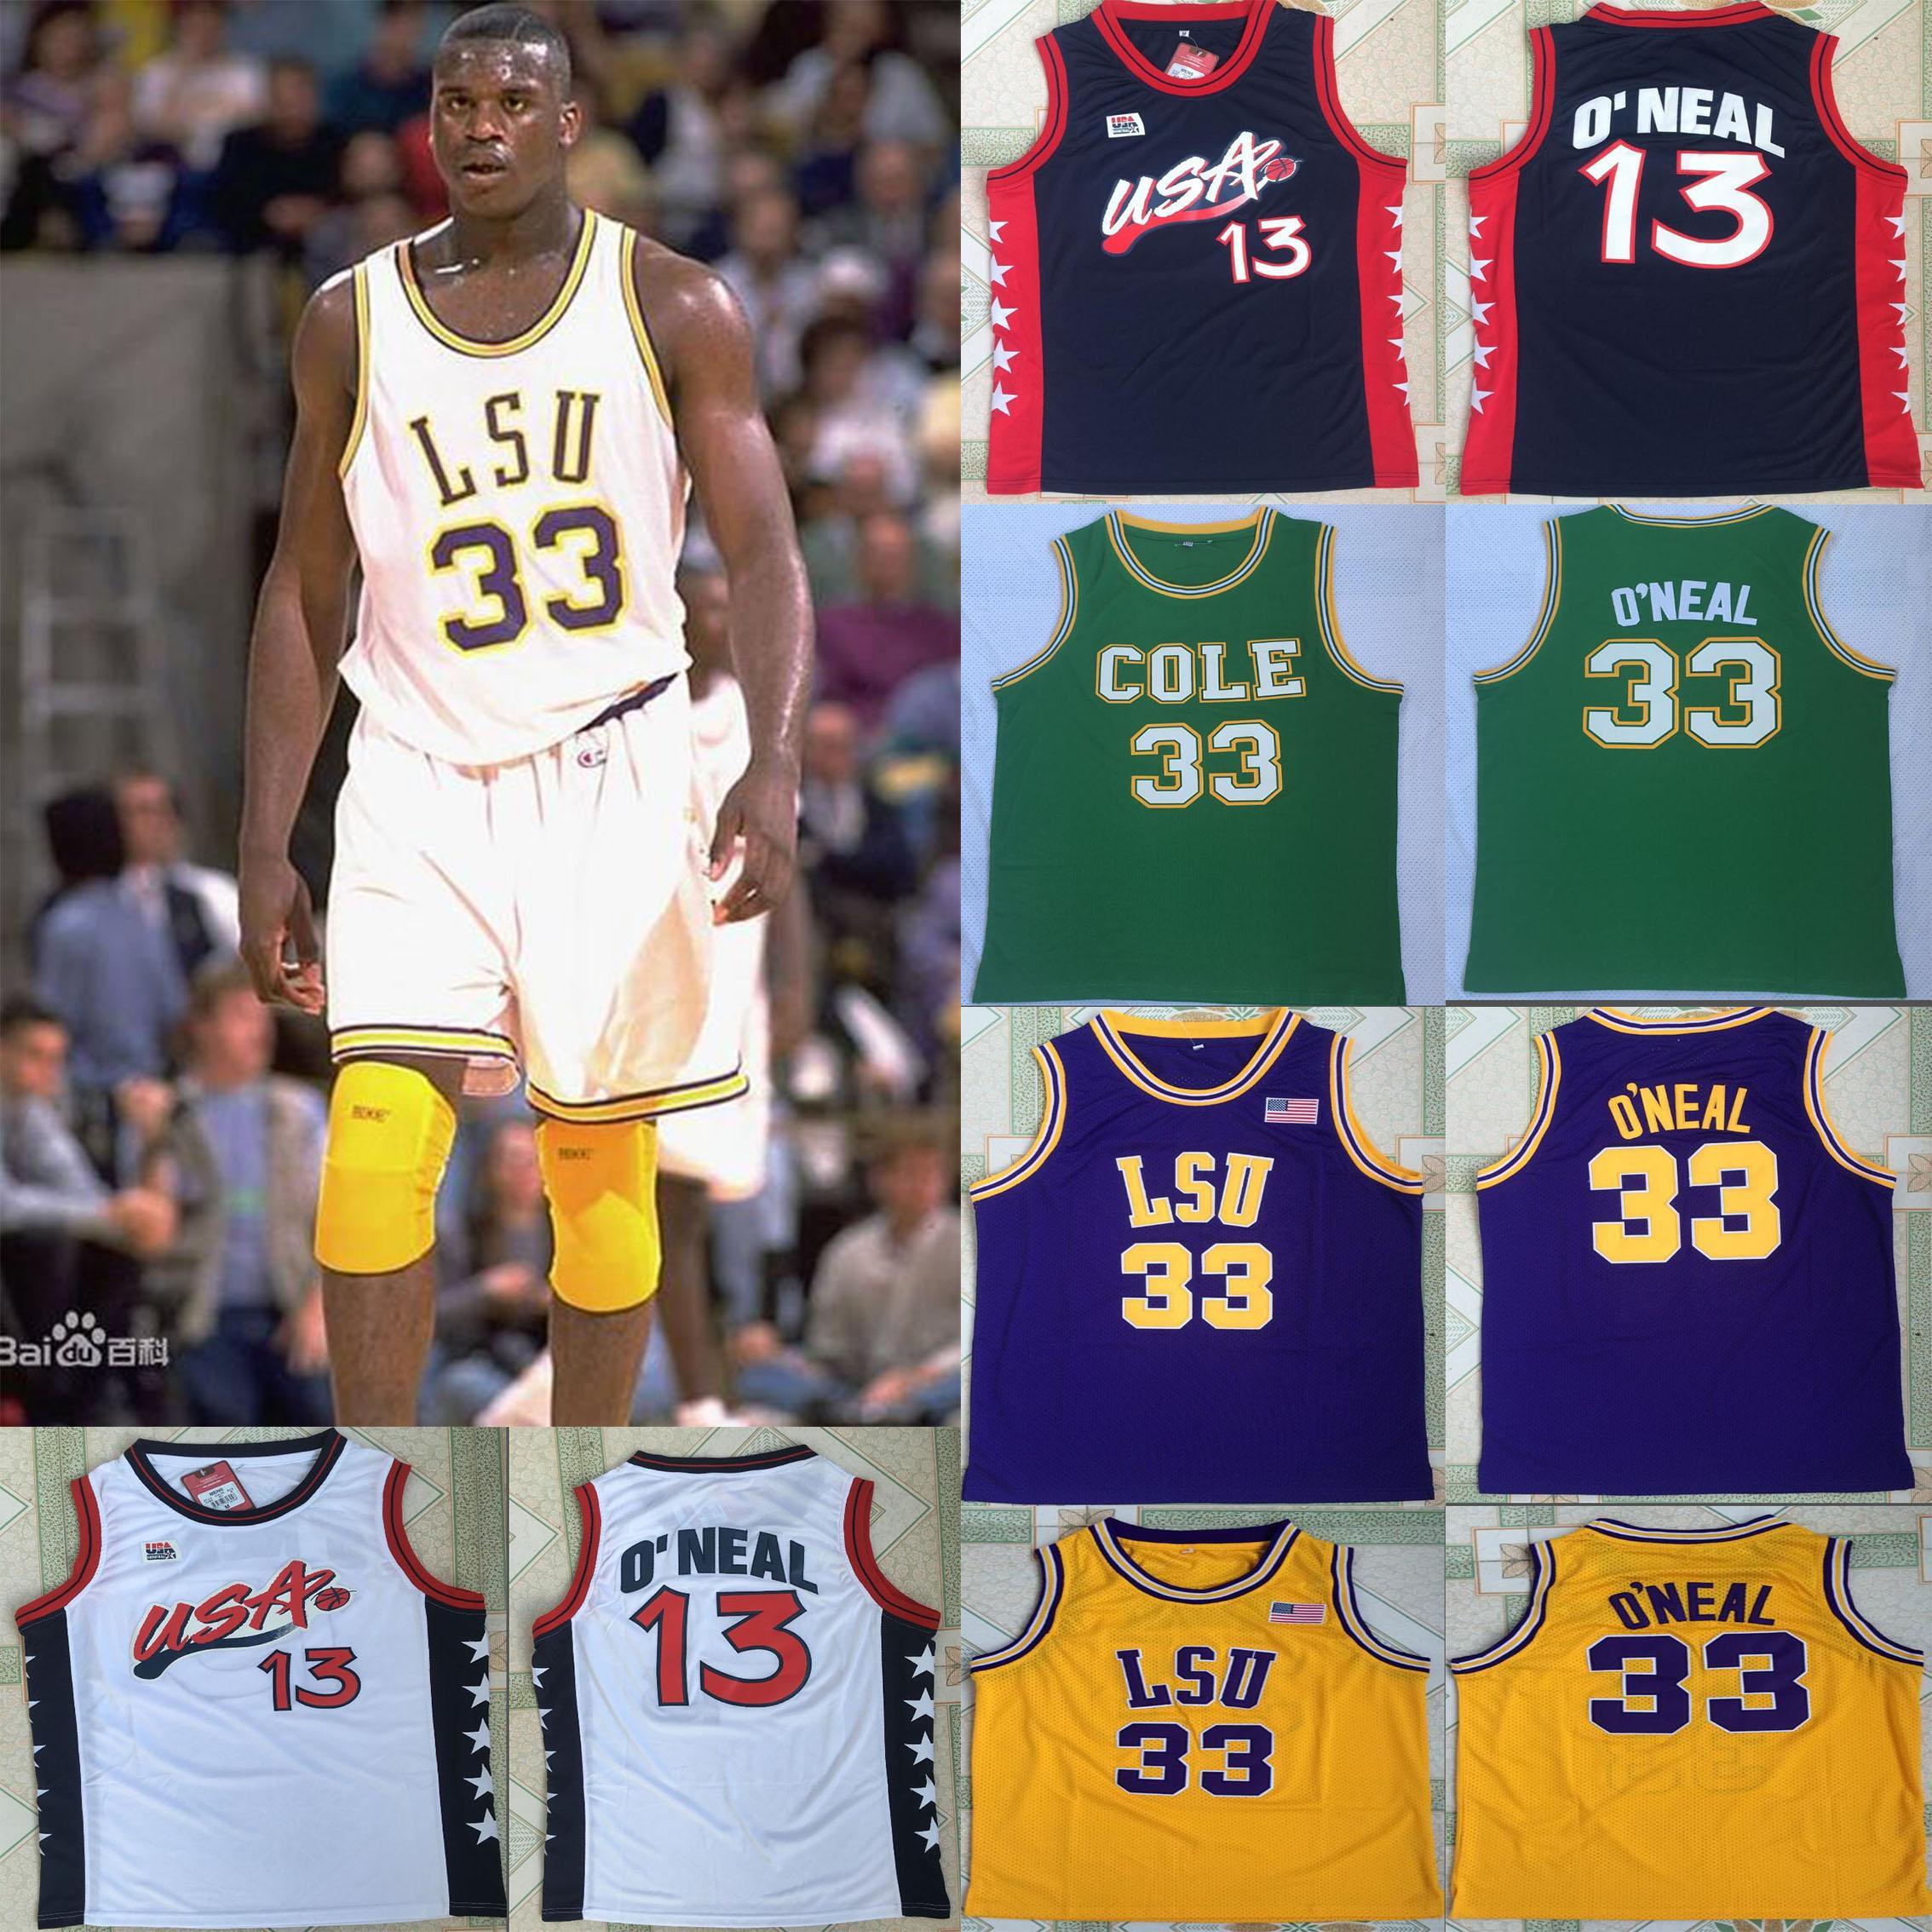 1996 USA sueño equipo # 13 NCAA LSU Tigers de los jerseys 33 Shaquille baloncesto de la universidad de los jerseys camisas de Jersey caen sgipping